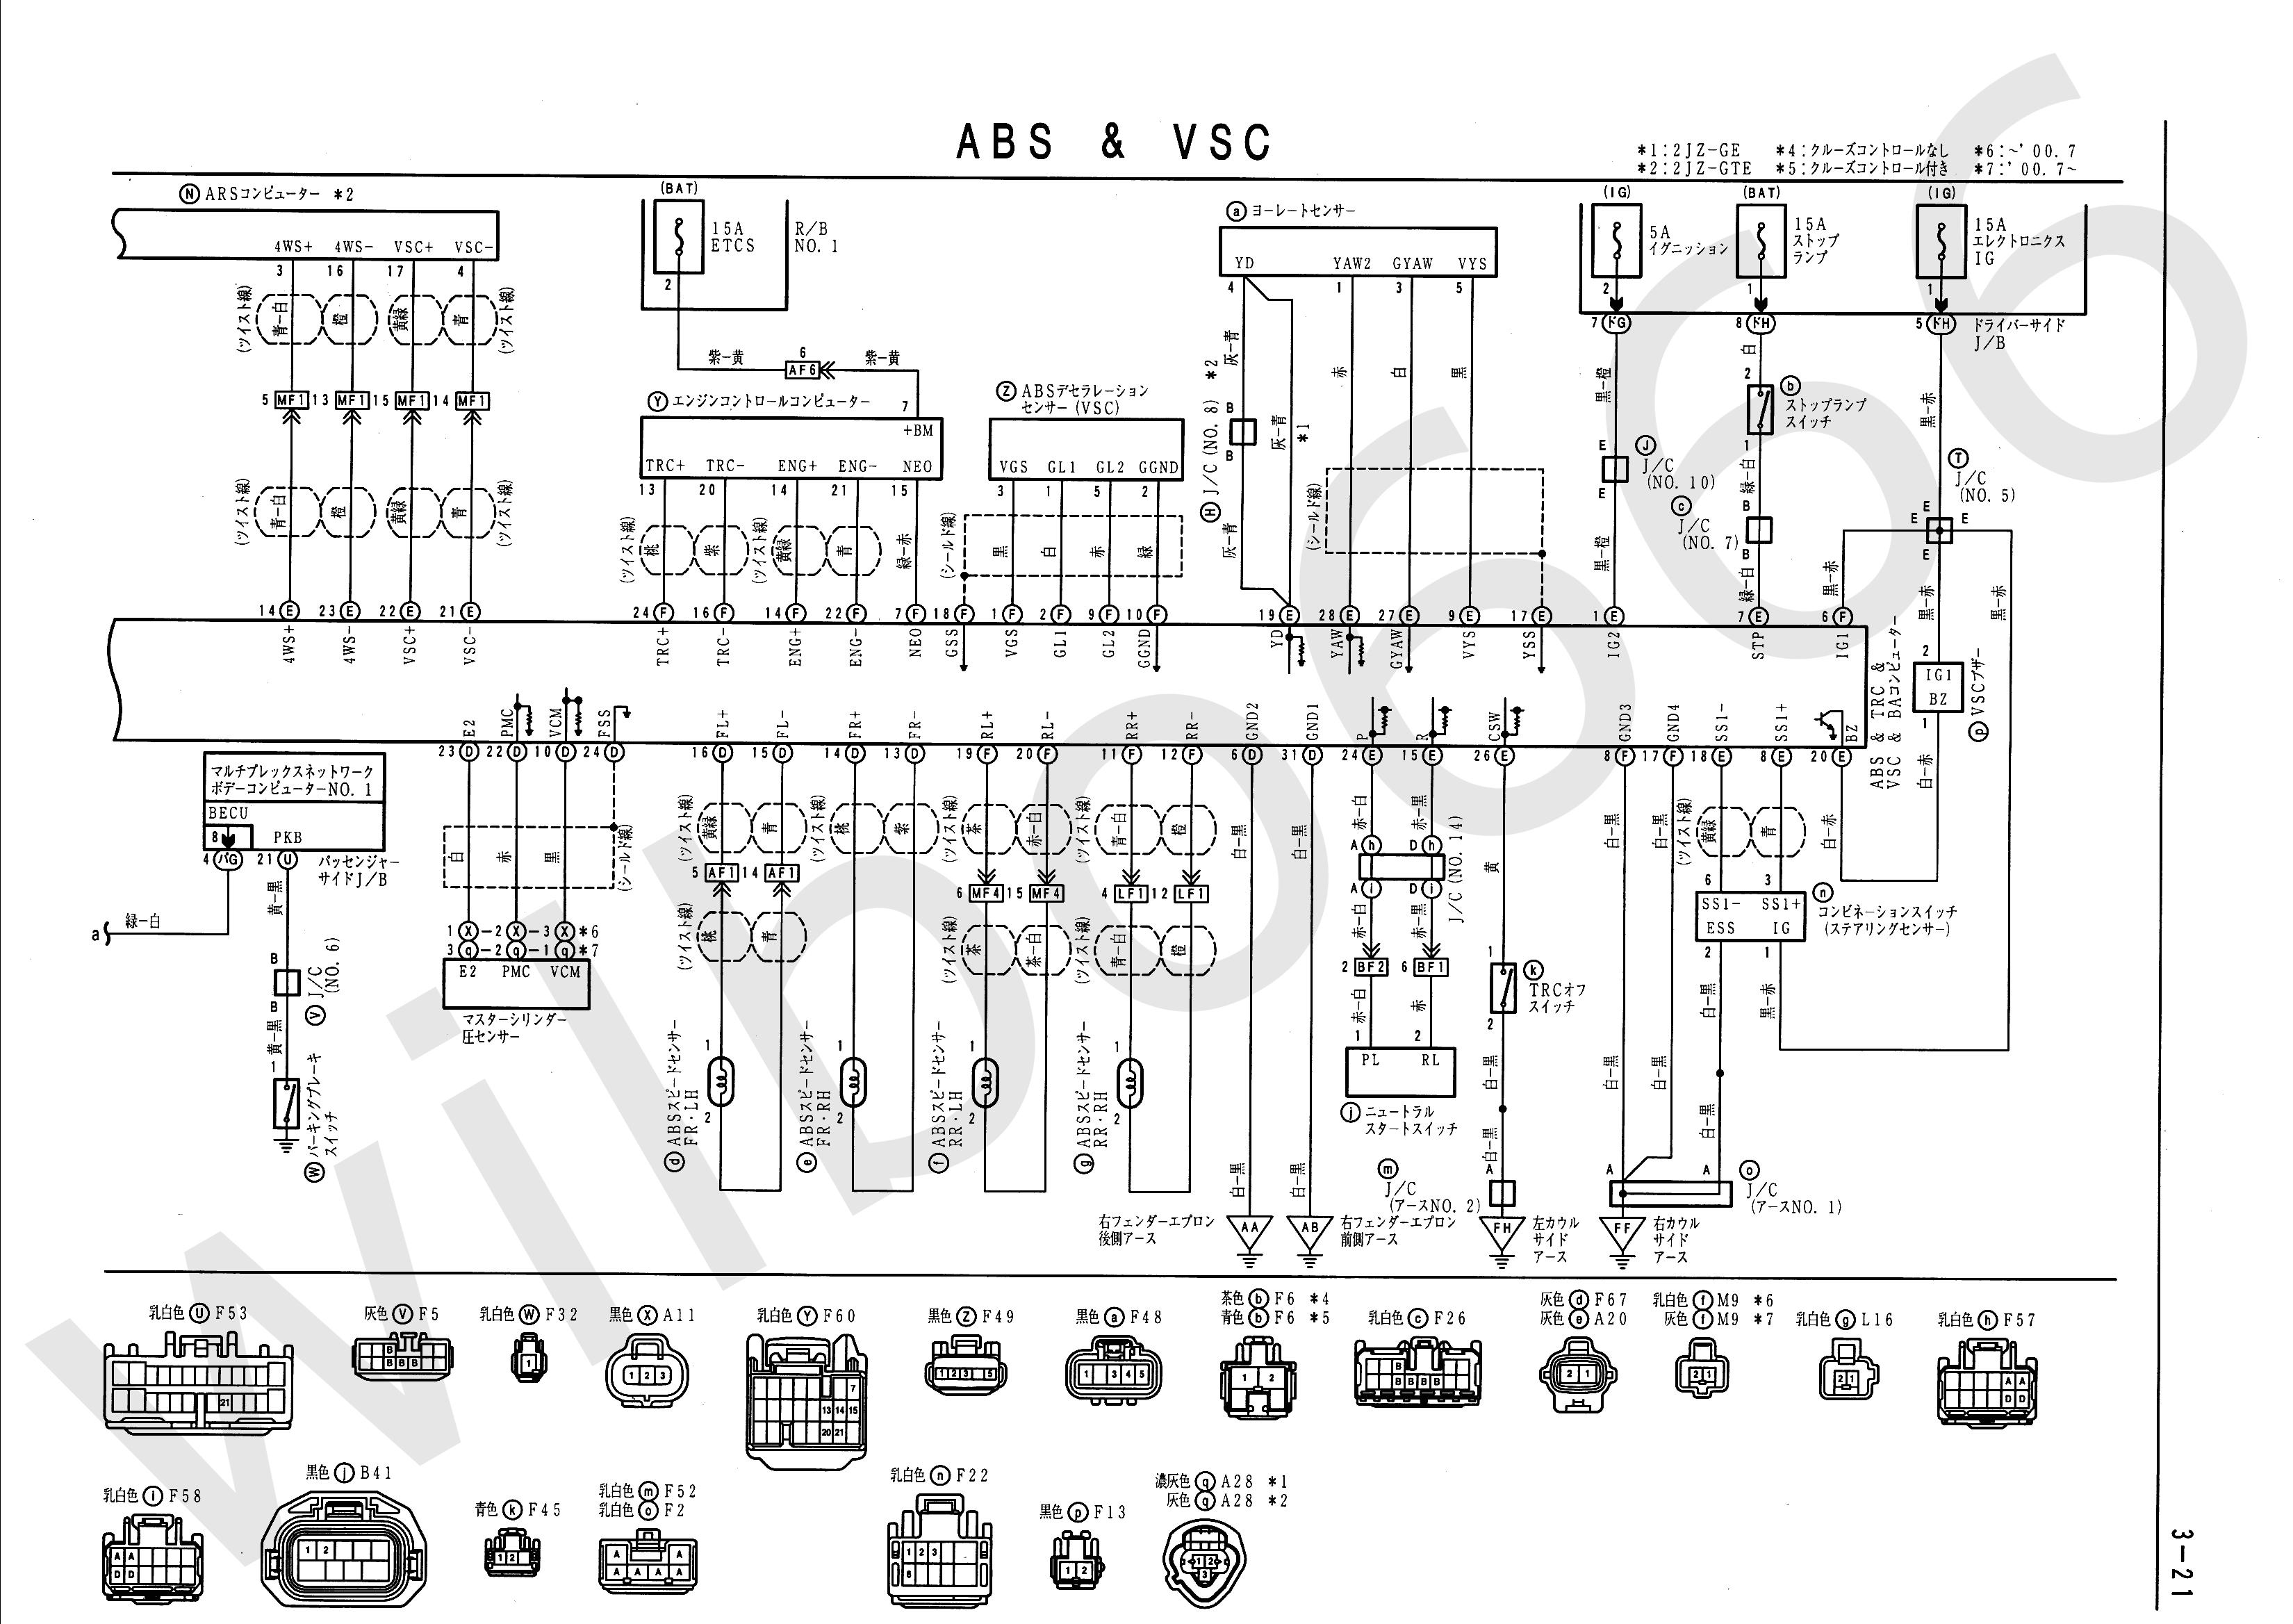 [SCHEMATICS_4JK]  HG_4277] Engine Wiring Diagram Ge Sensor Wiring Diagram 2Jz Vvt I Engine  Wiring Wiring Diagram | Vvt I Engine Wiring Diagram |  | Birdem Eachi Winn Usnes Oper Wigeg Mohammedshrine Librar Wiring 101